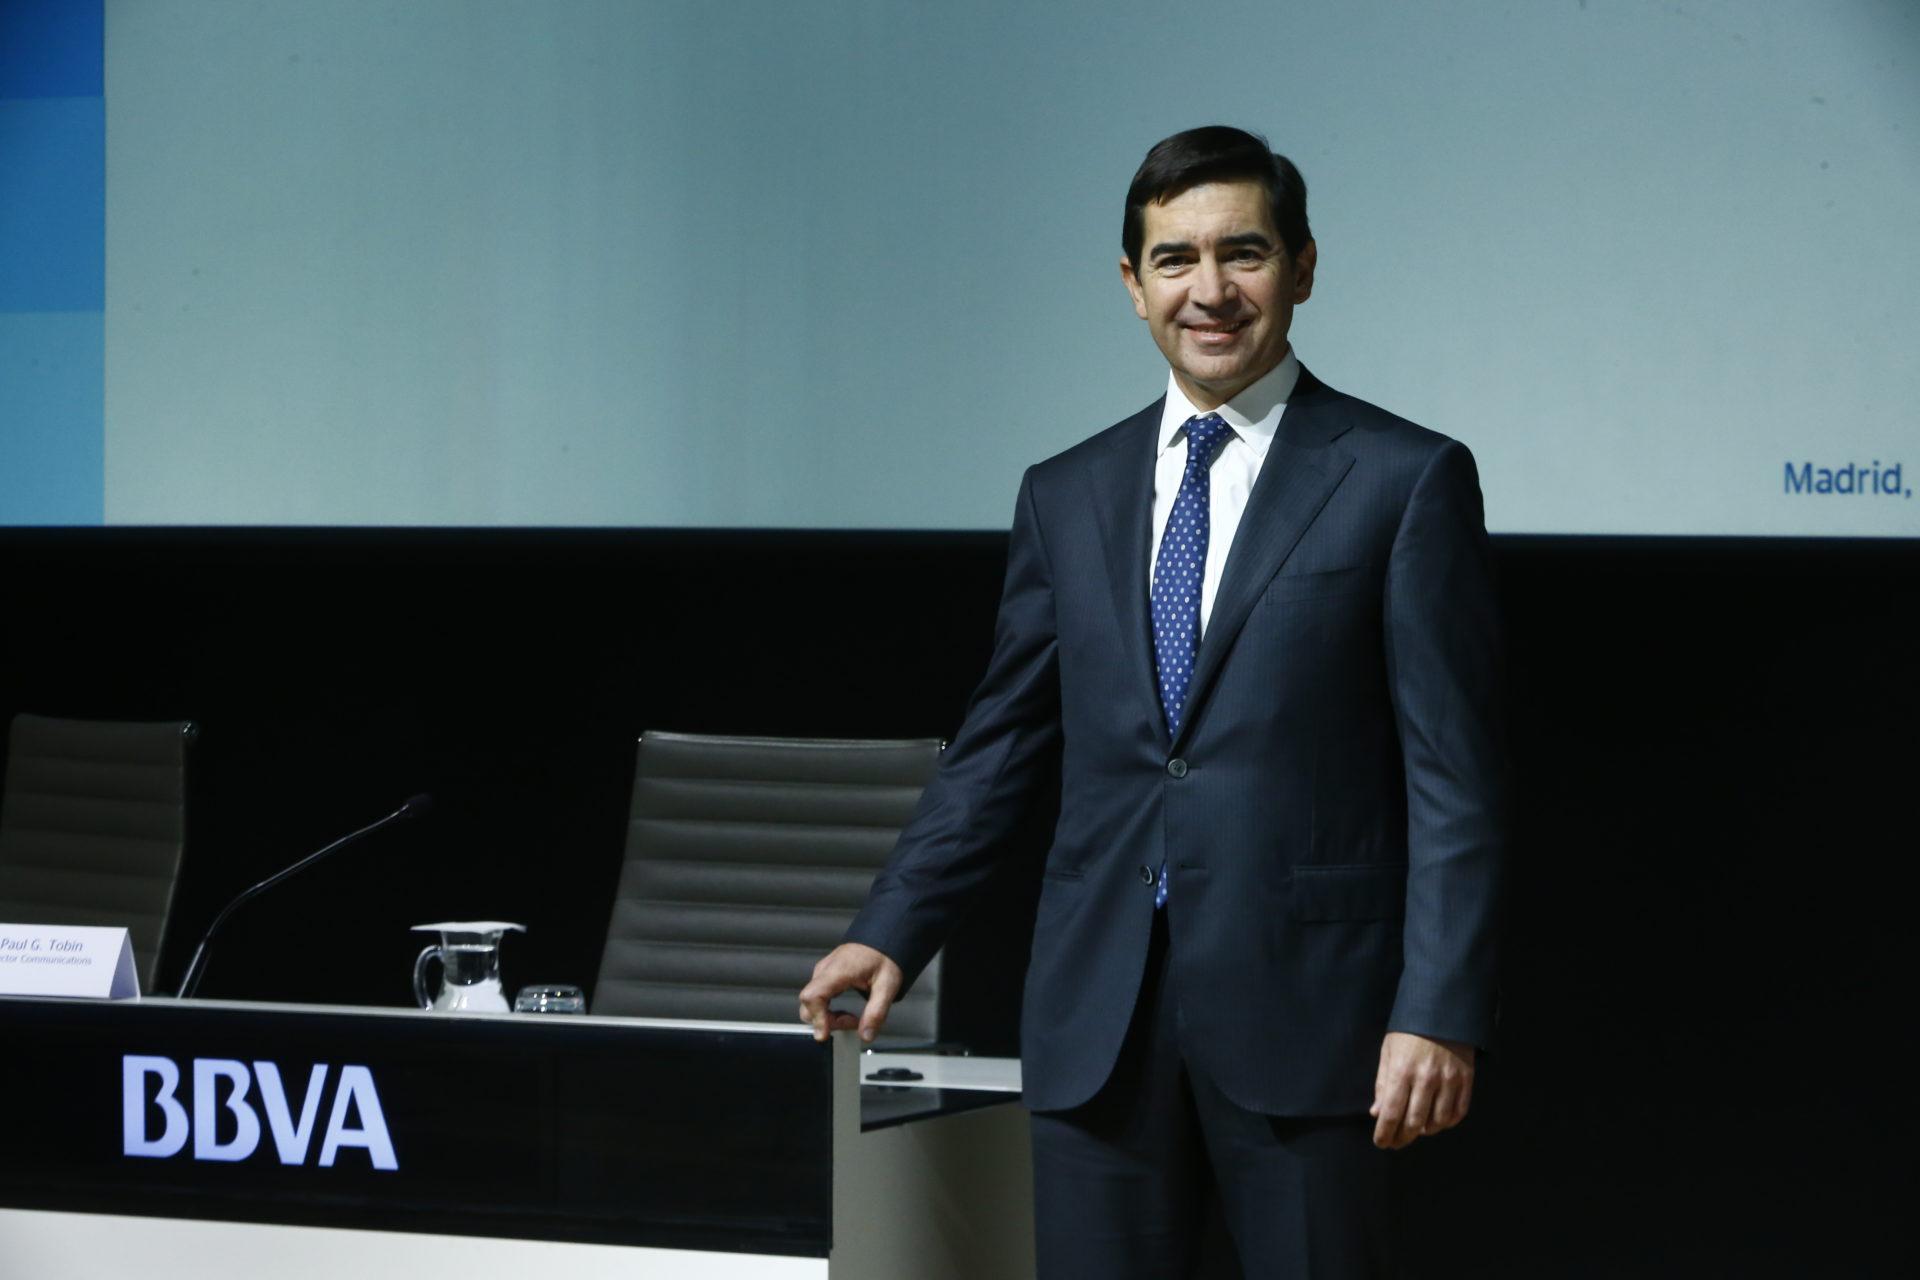 El consejero delegado de BBVA, Carlos Torres Vila, durante la presentación de resultados